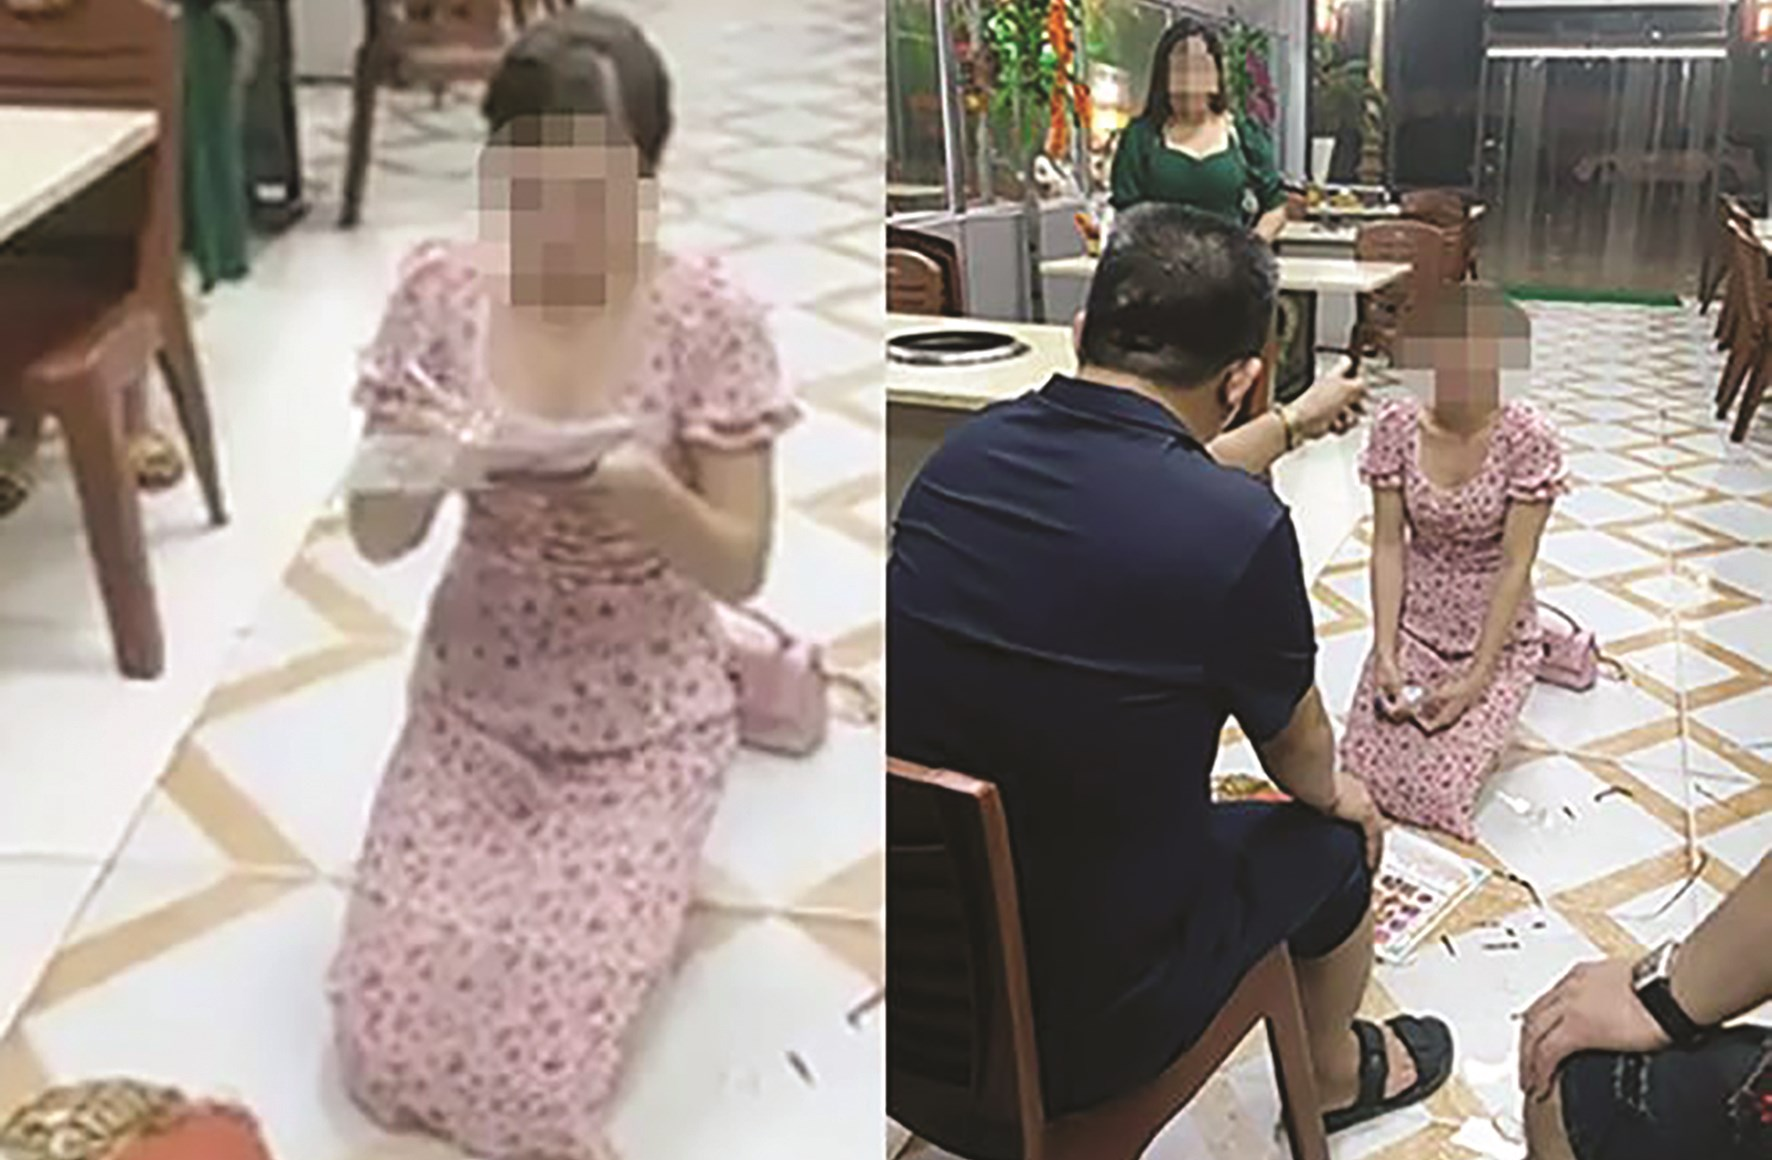 Dư luận phẫn nộ trước vụ việc nhà hàng Nhắng nướng Bắc Ninh hạ nhục khách hàng